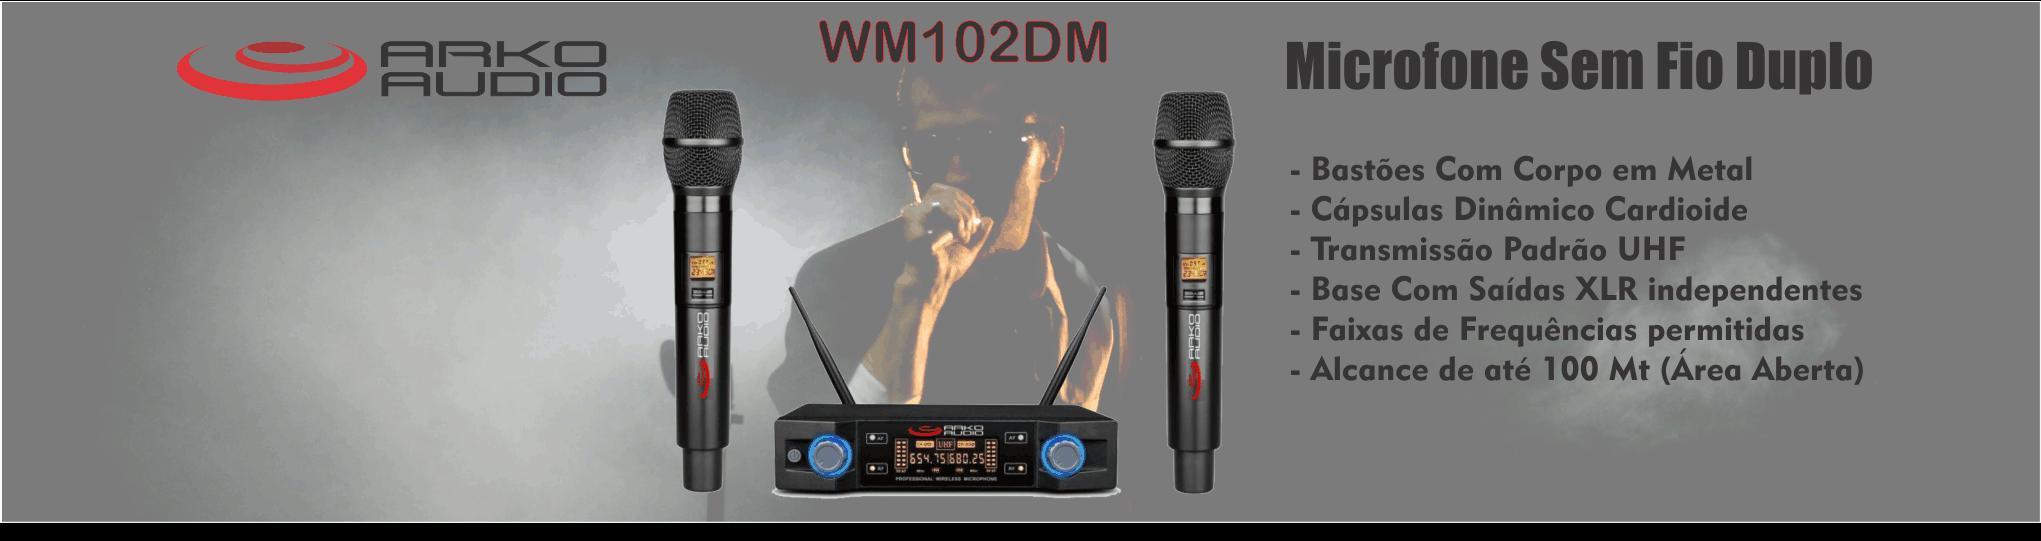 WD102DM